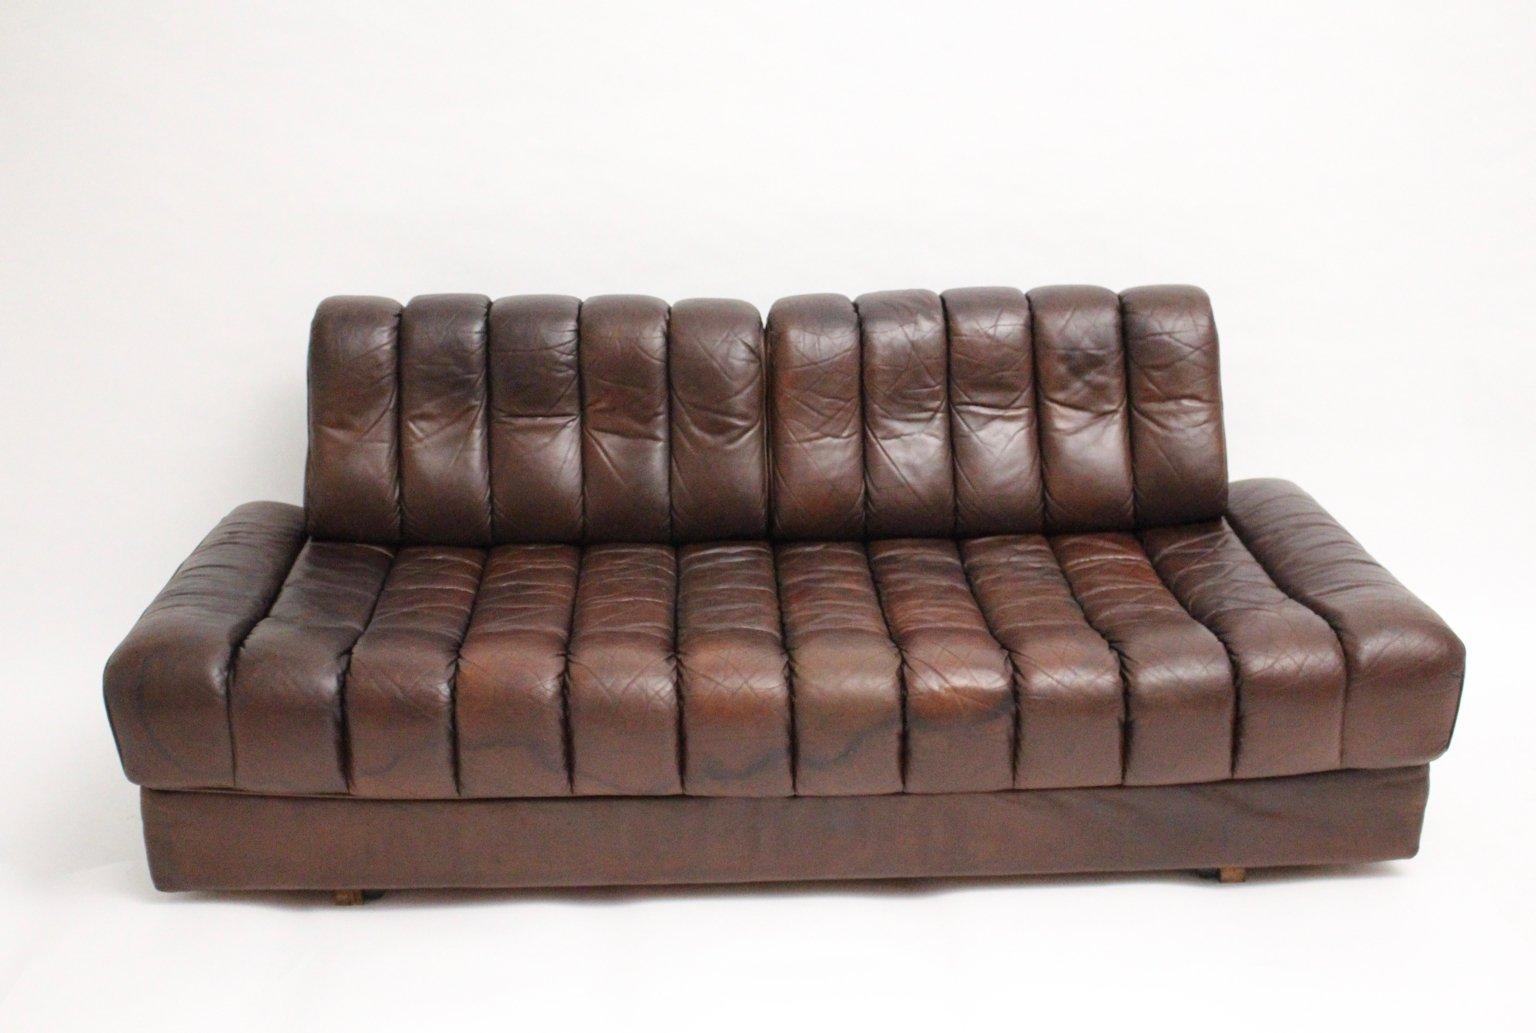 Sof cama de cuero de de sede a os 70 en venta en pamono - Camas de cuero ...